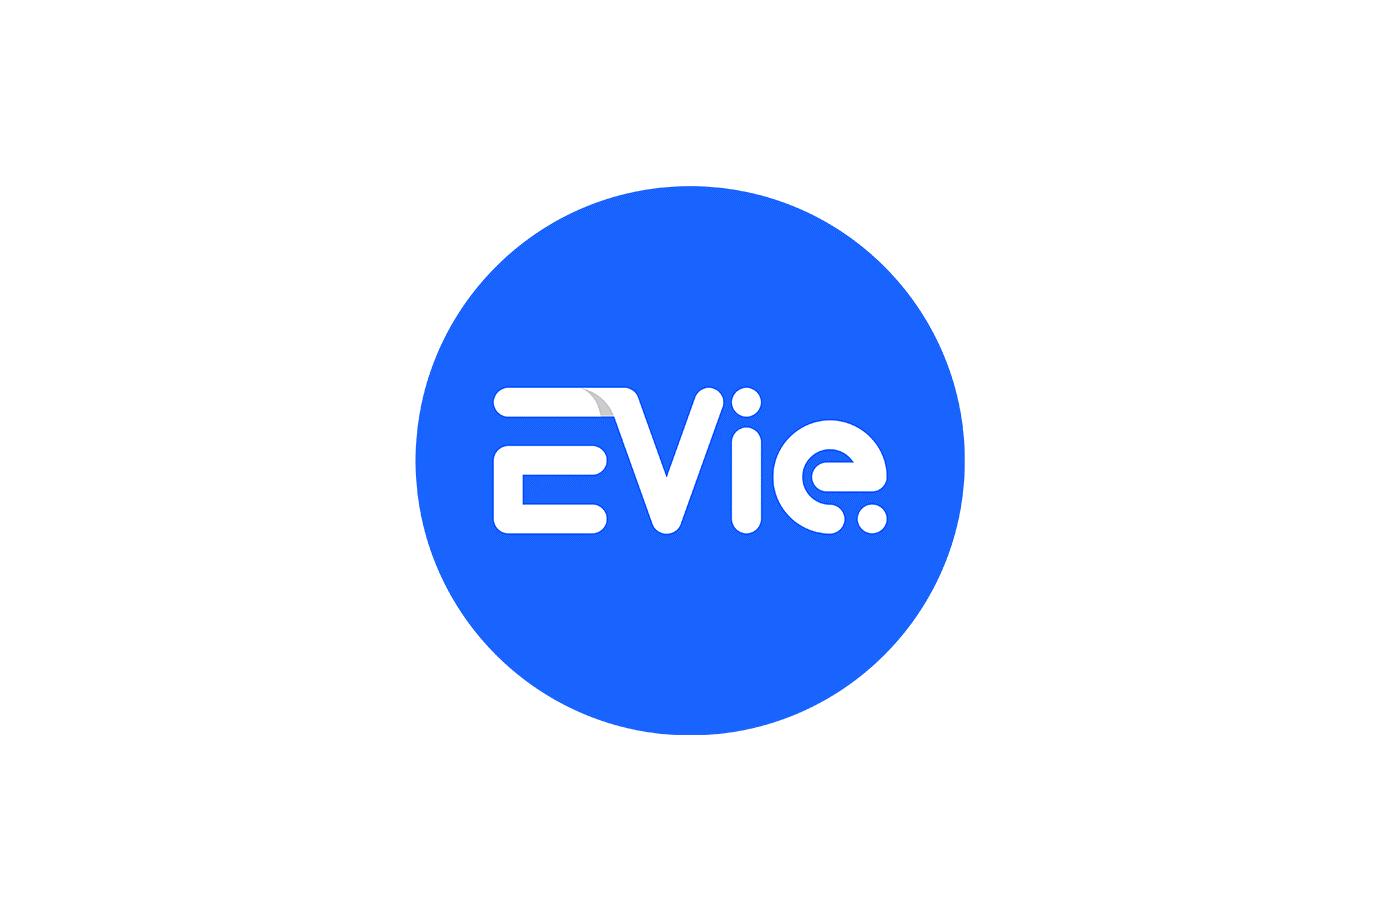 JEV Company Ltd T/A EVie